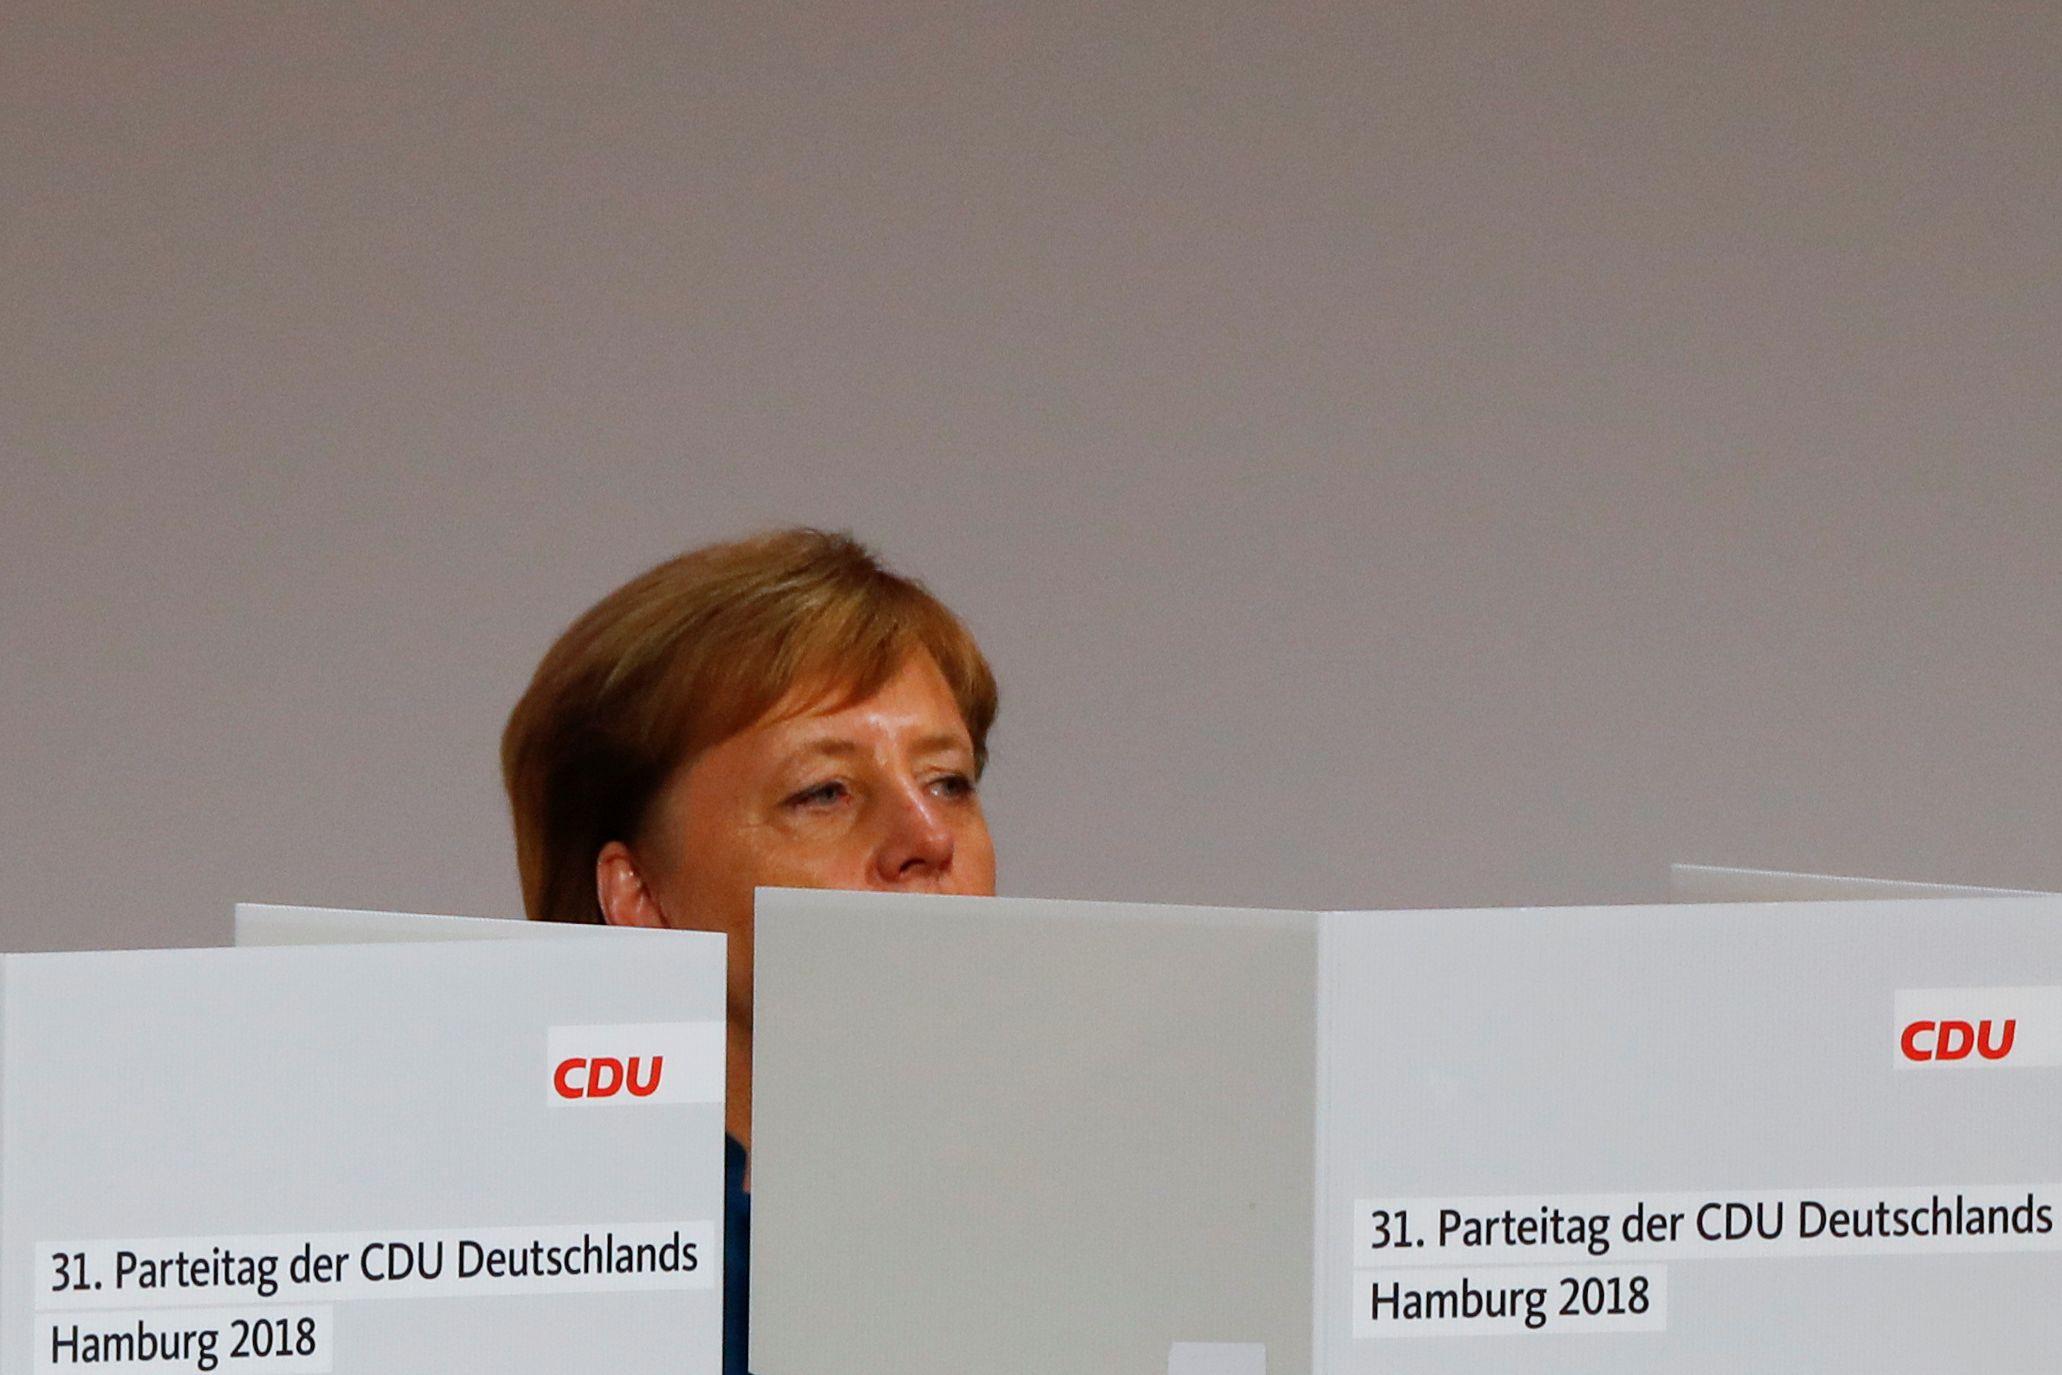 """Merkel apela à CDU para defender os valores """"democráticos e cristãos"""""""